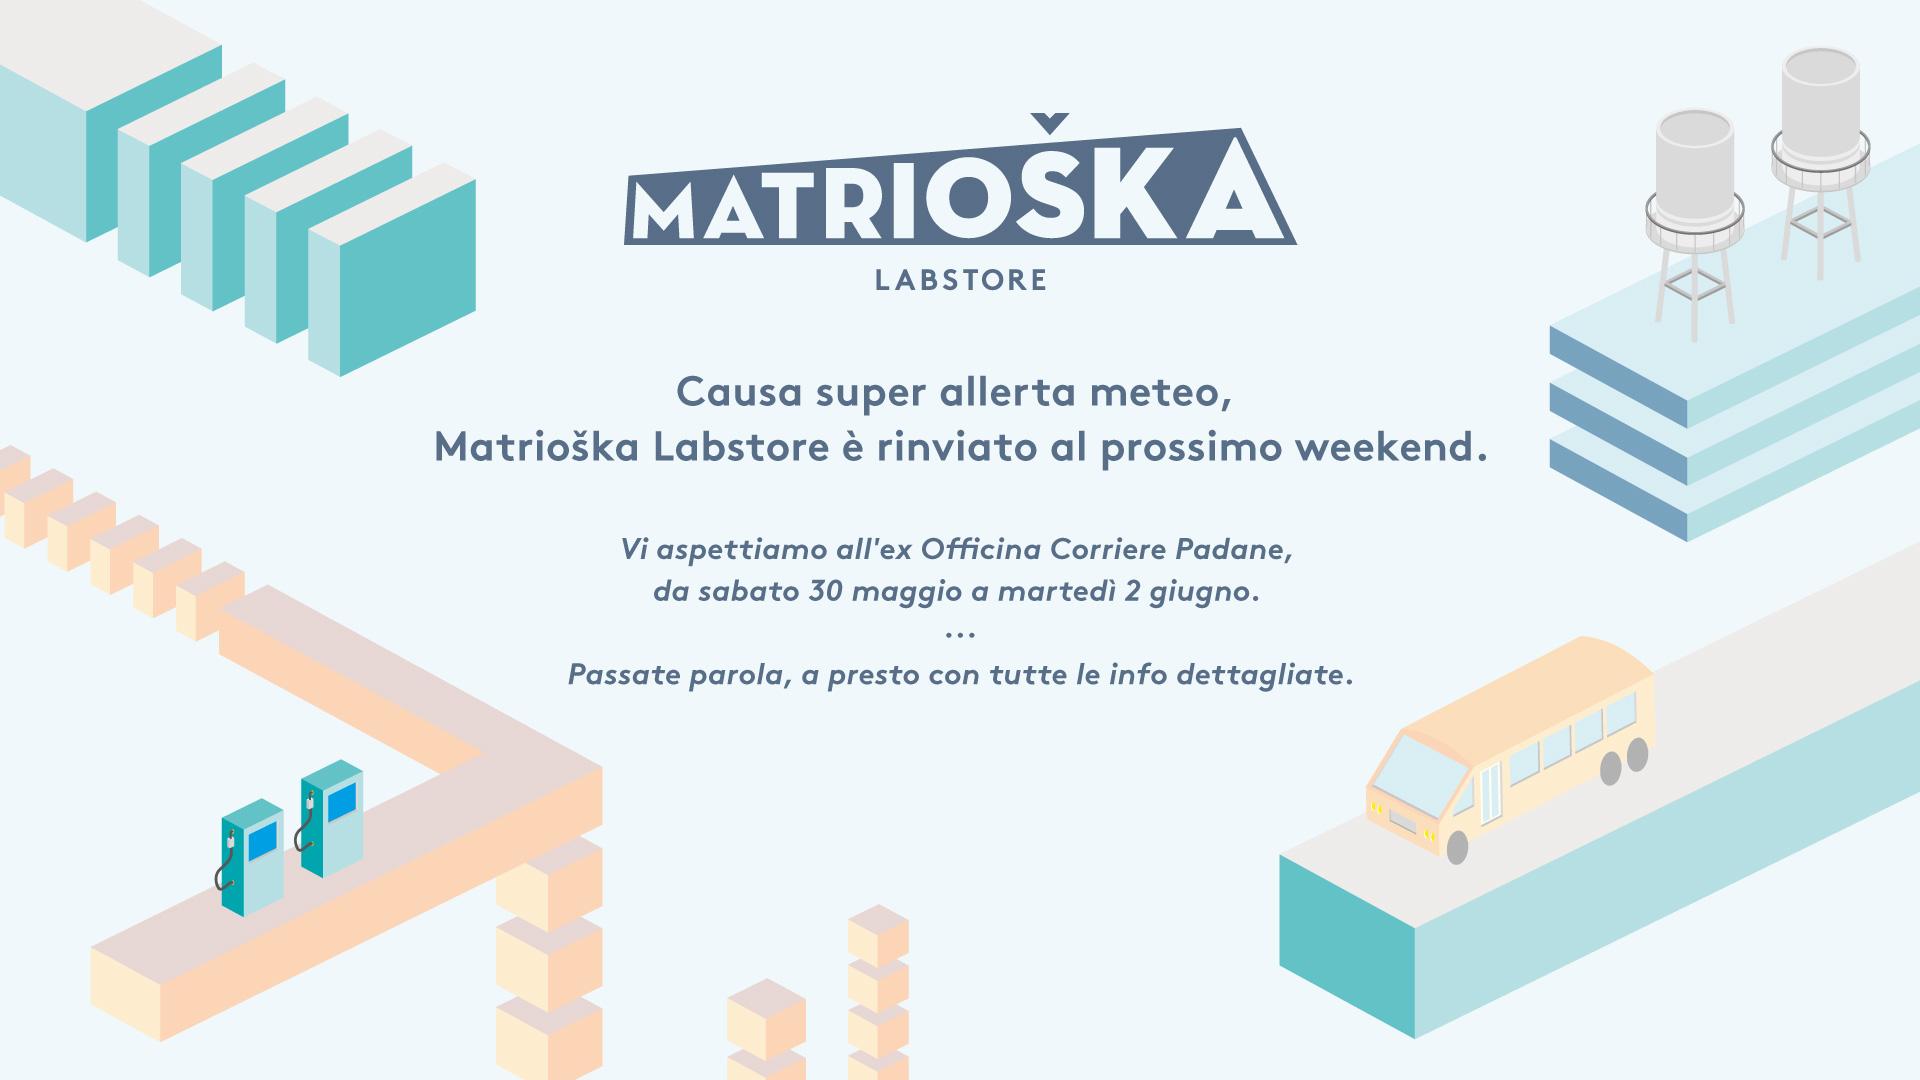 Matrioska labstore Rimini | edizione #7 NEW